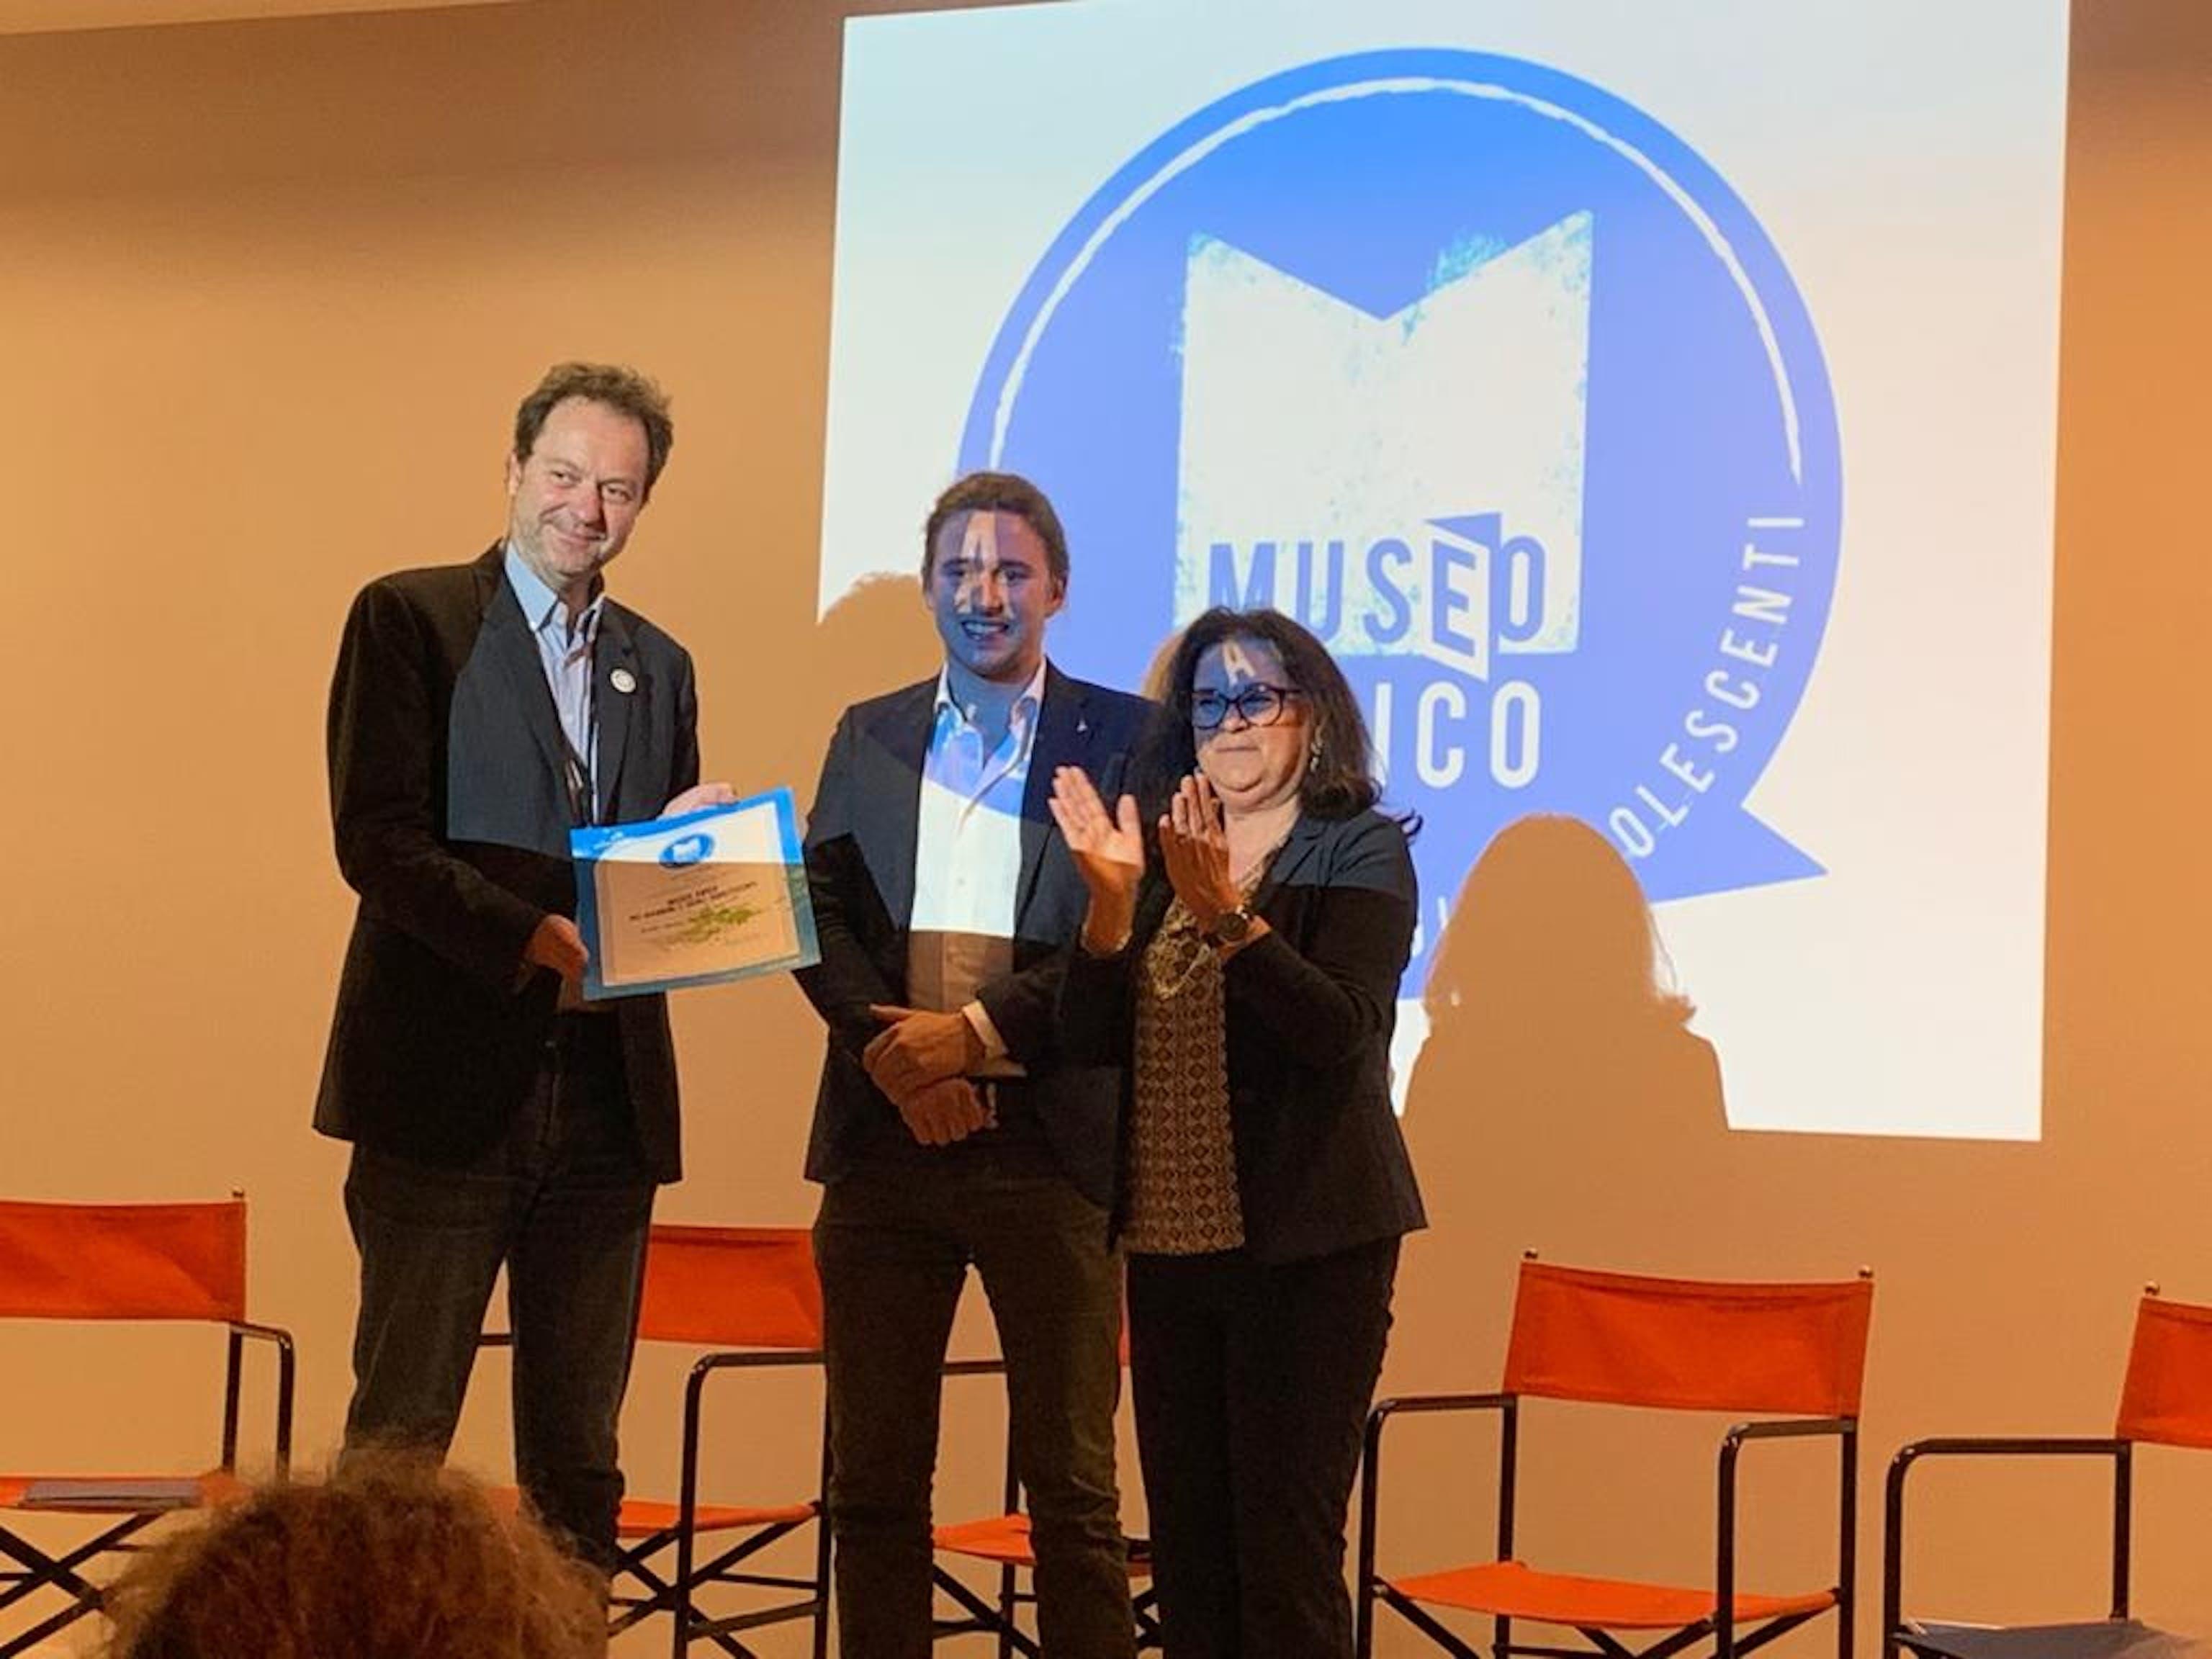 Il direttore del MUSE Michele Lanzinger, l'assessore all'Istruzione della provincia di Trento Mirko Bisesti e Manuela D'Alessandro (UNICEF Italia) - ©UNICEF Italia/2019/E.Chapin